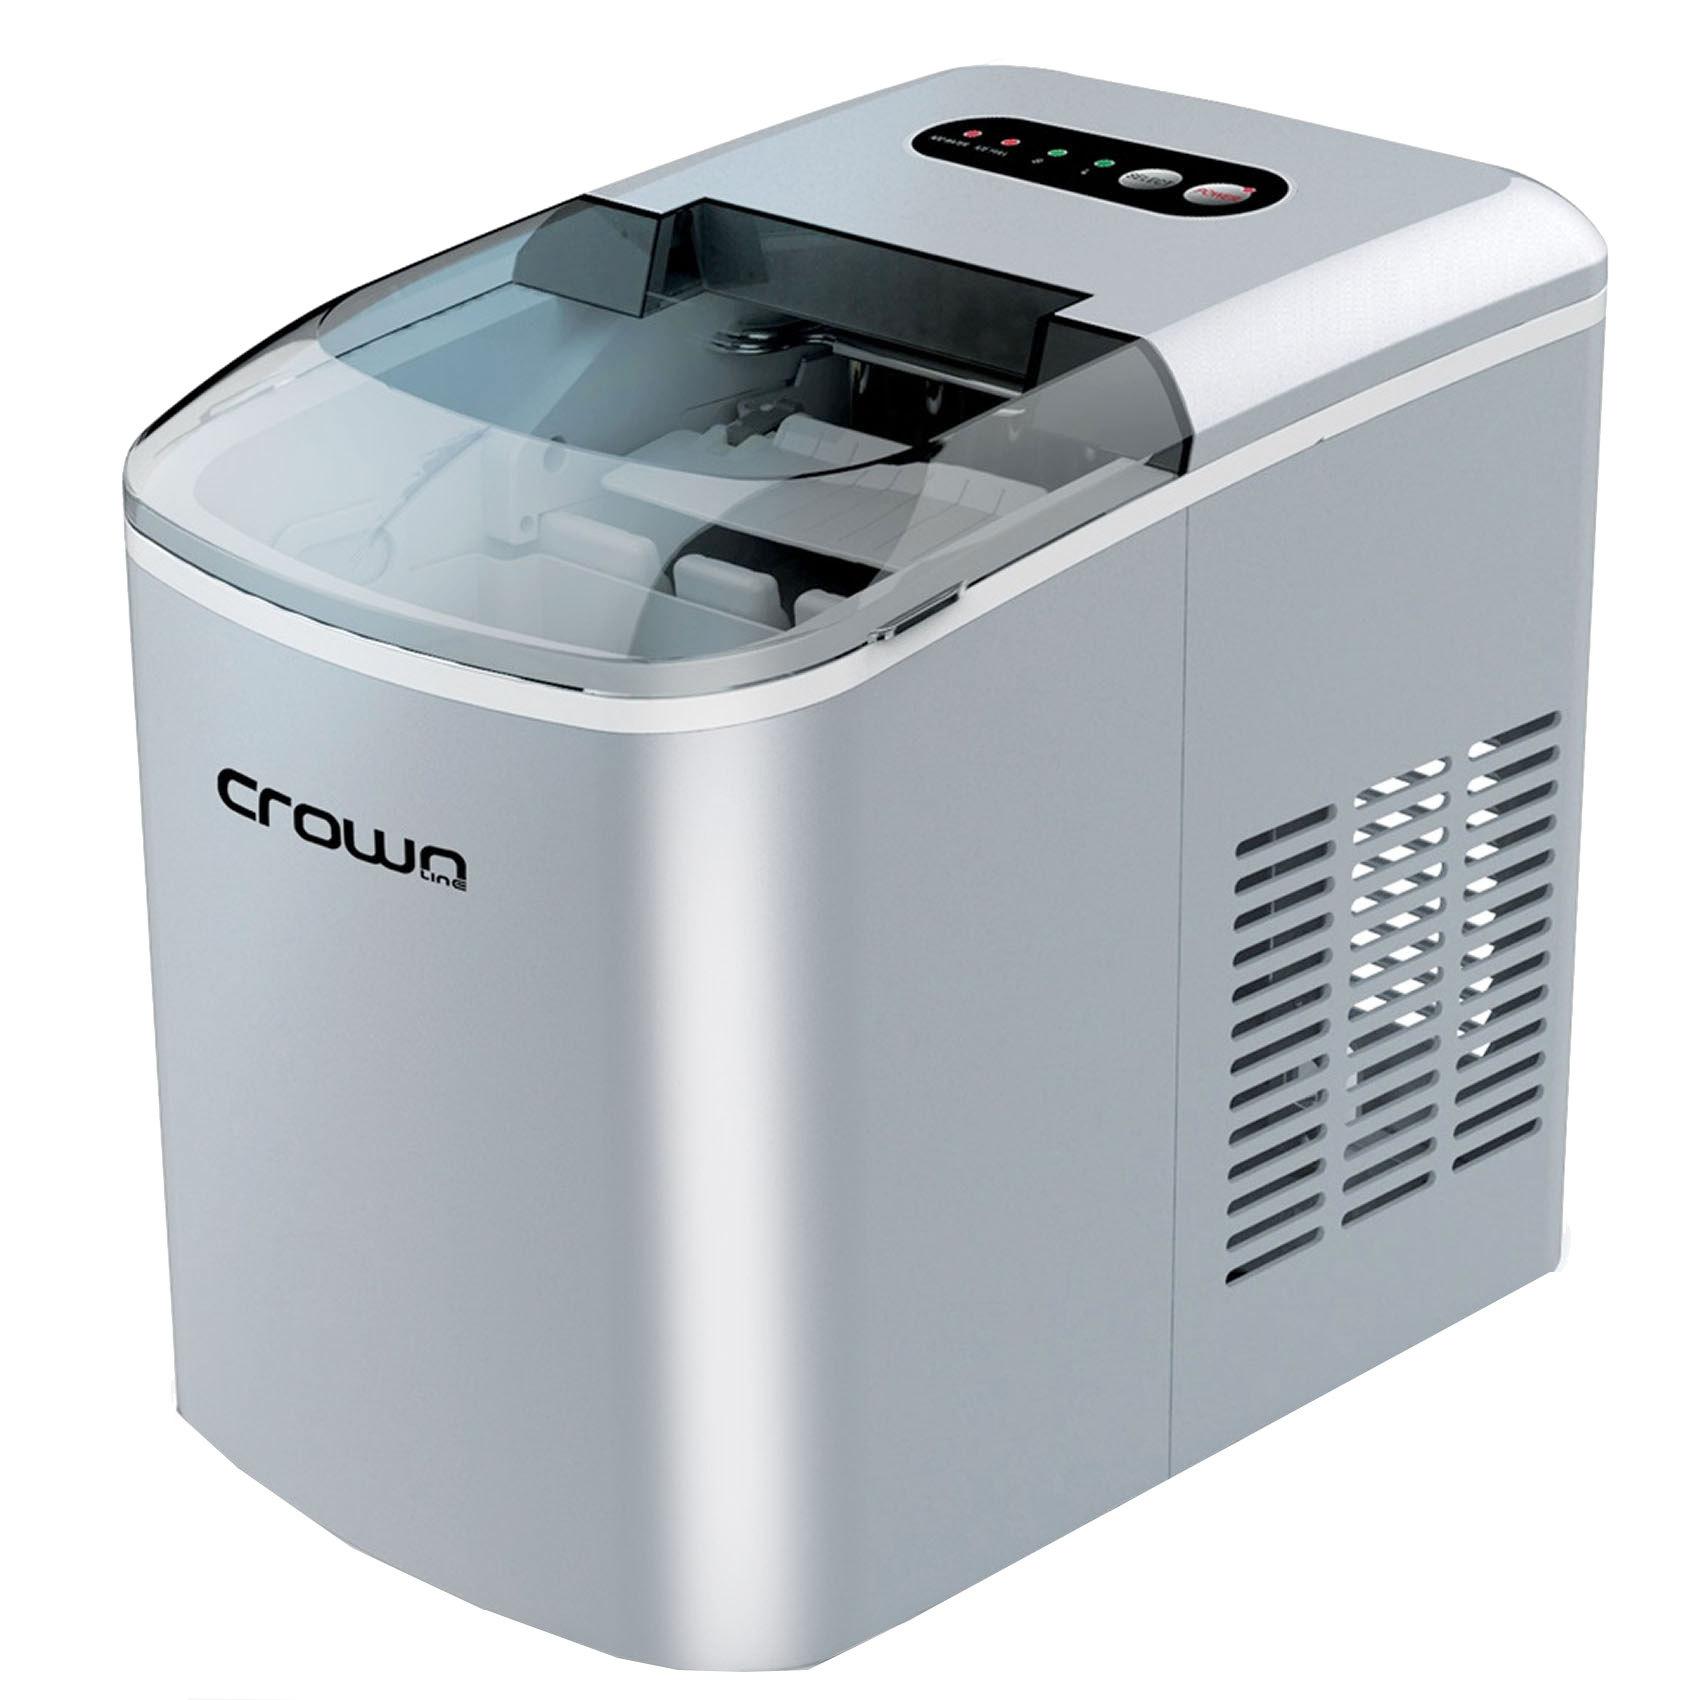 Buy Crownline Ice Maker Im162 Online in UAE - Carrefour UAE